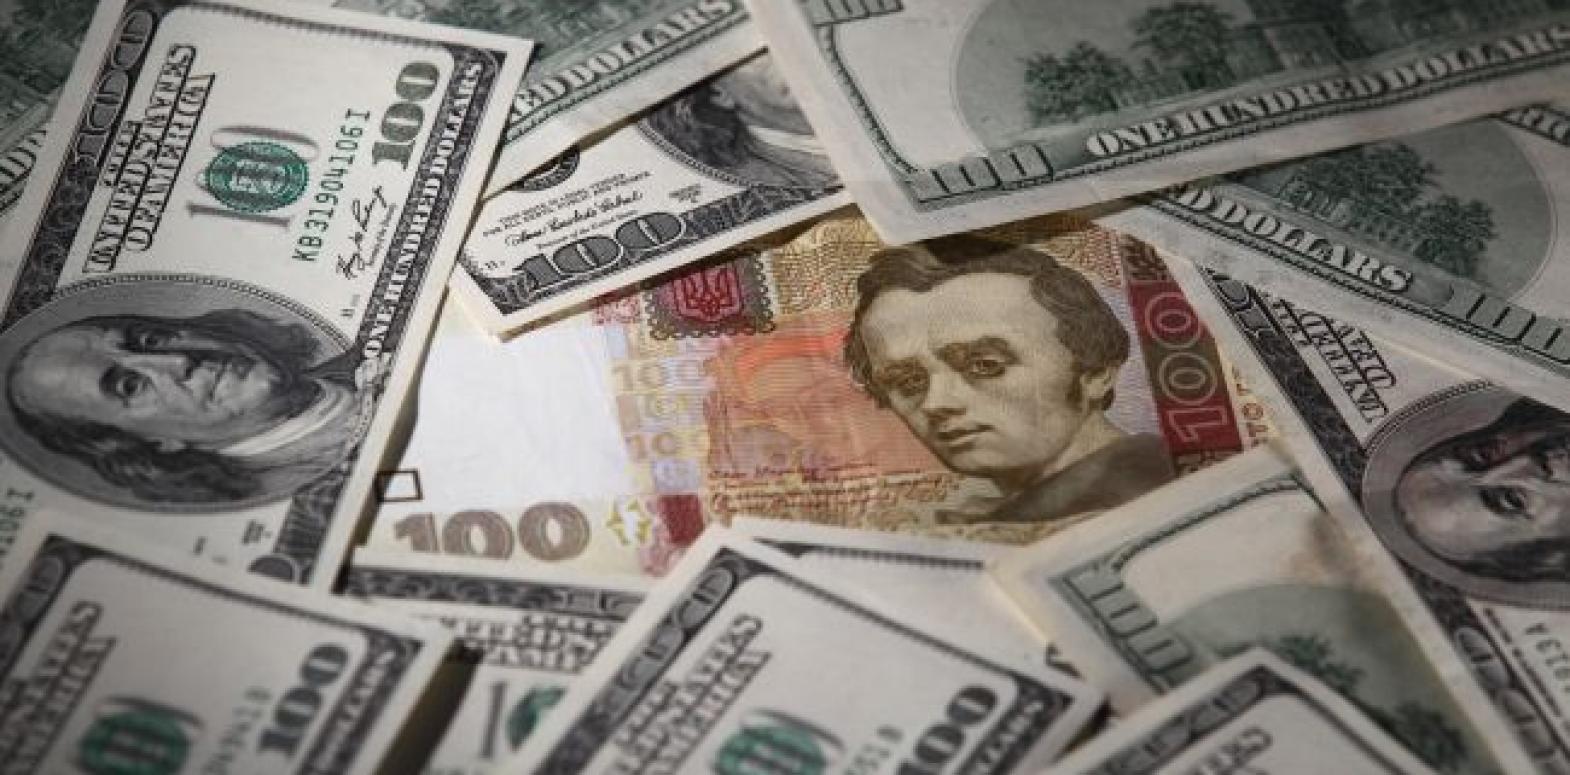 НБУ на 1 апреля резко снизил официальный курс доллара